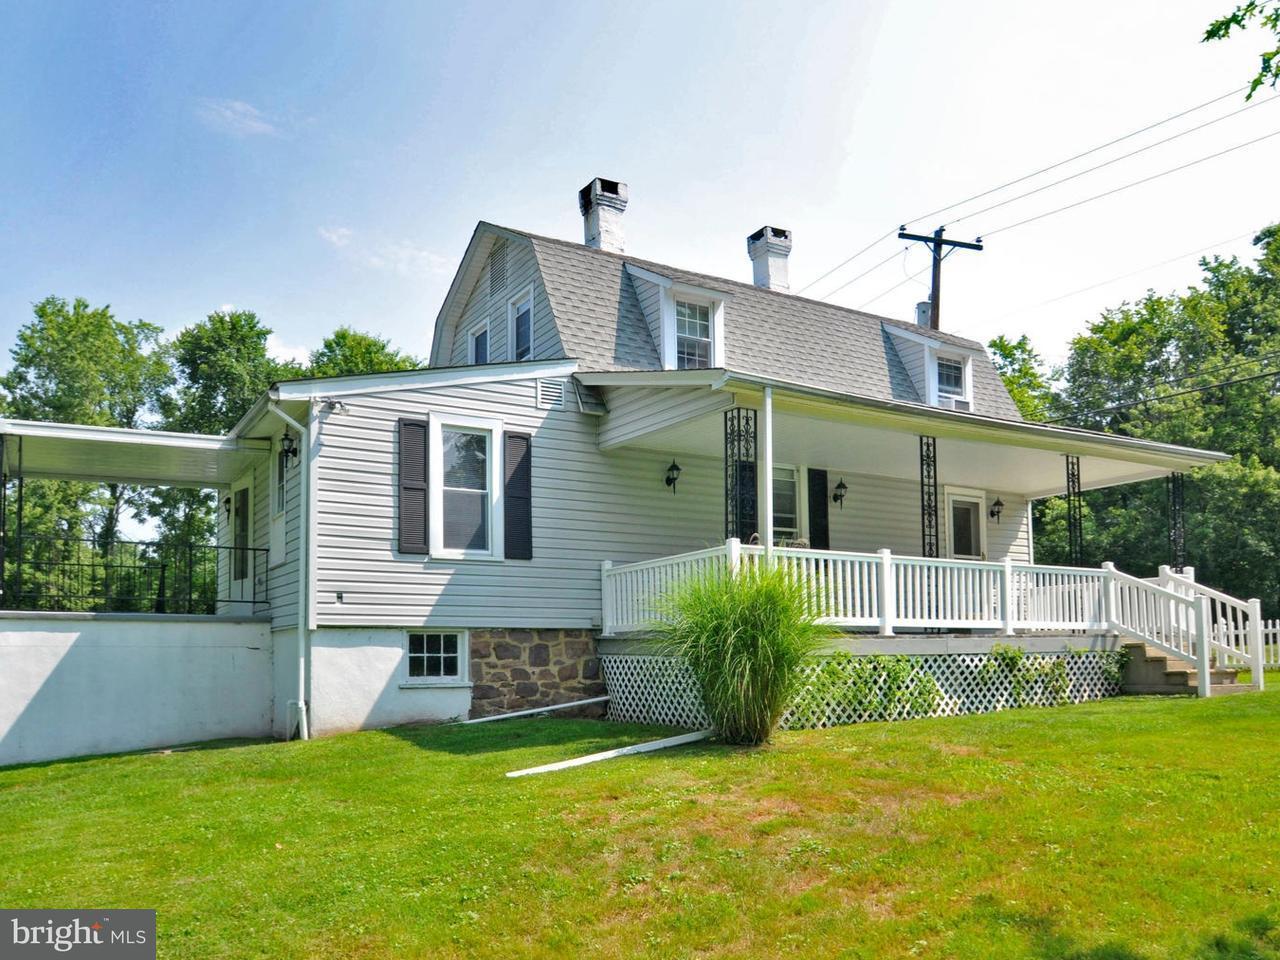 Maison unifamiliale pour l à louer à 941 LIMEKILN PIKE Horsham, Pennsylvanie 19002 États-Unis